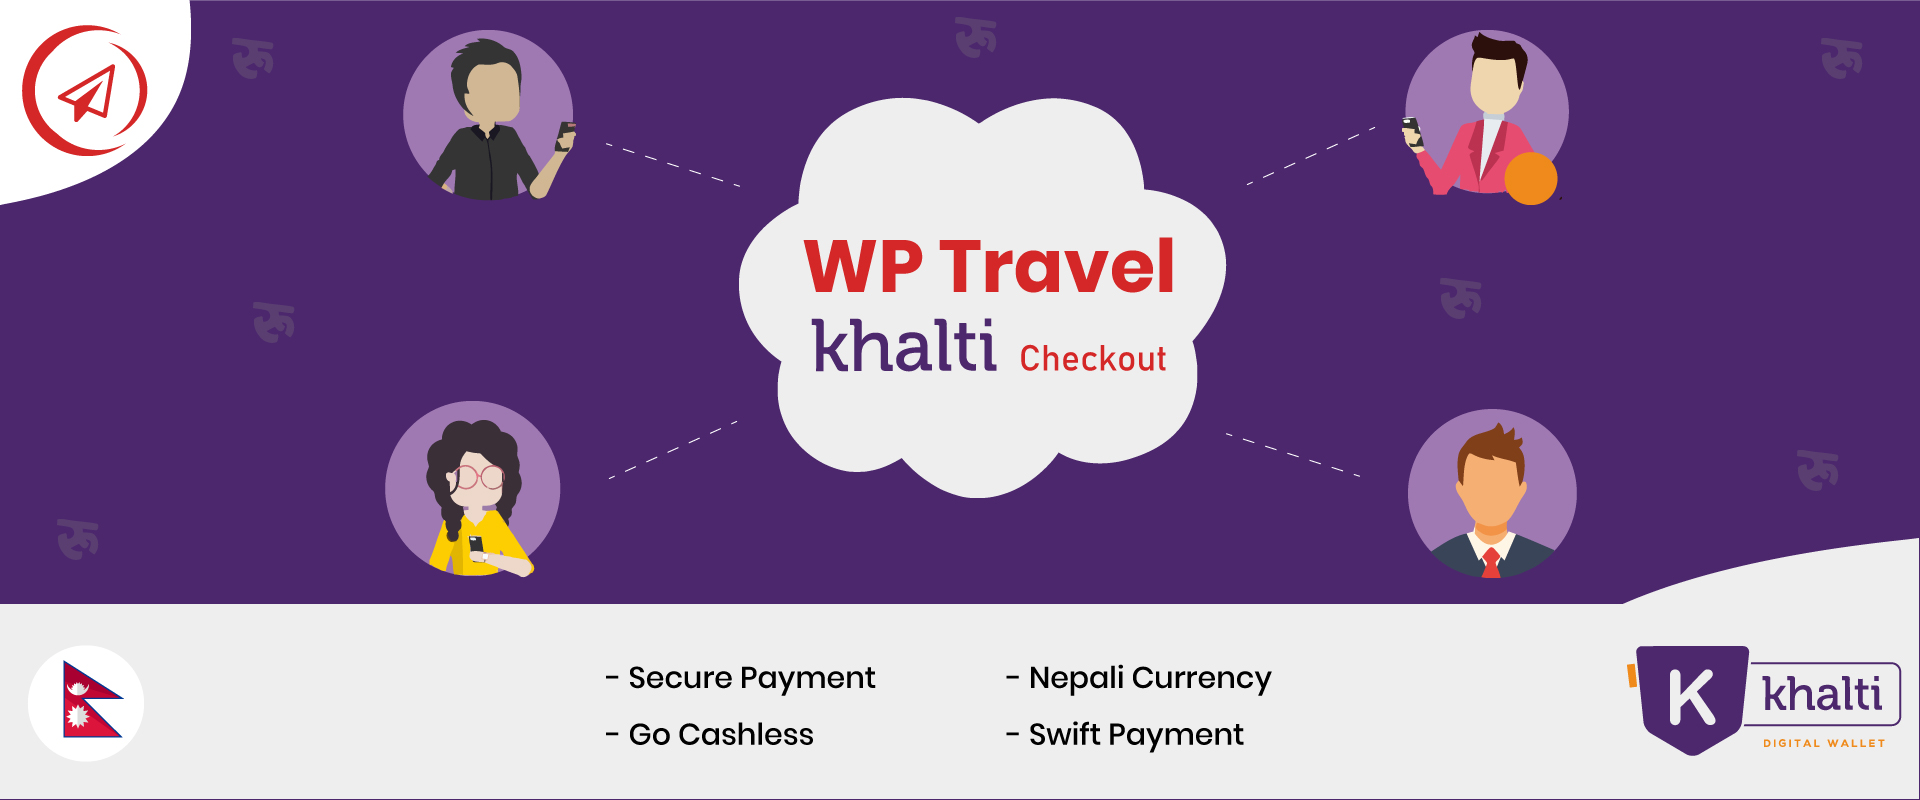 WP Travel Khalti Checkout